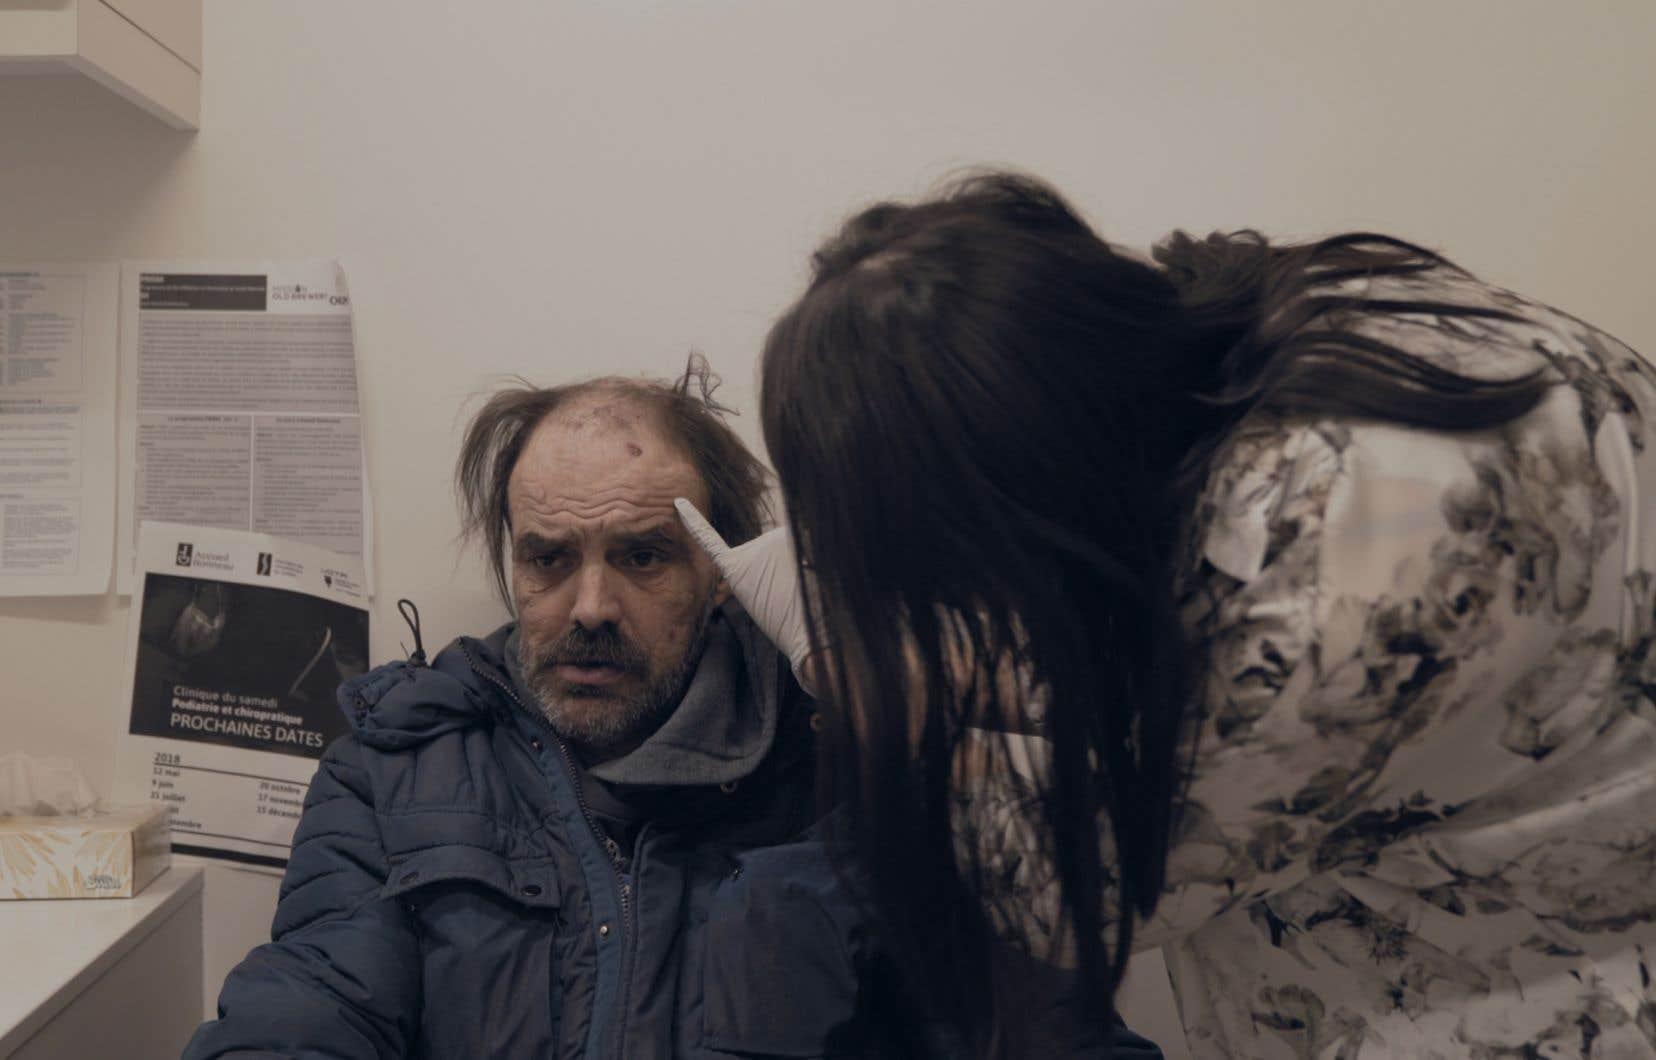 La caméra du réalisateur Steve Patry se substitue à un regard ouvert, lucide, et qui n'essaie jamais d'émouvoir pour émouvoir ou de rassurer les spectateurs quant au devenir des participants.